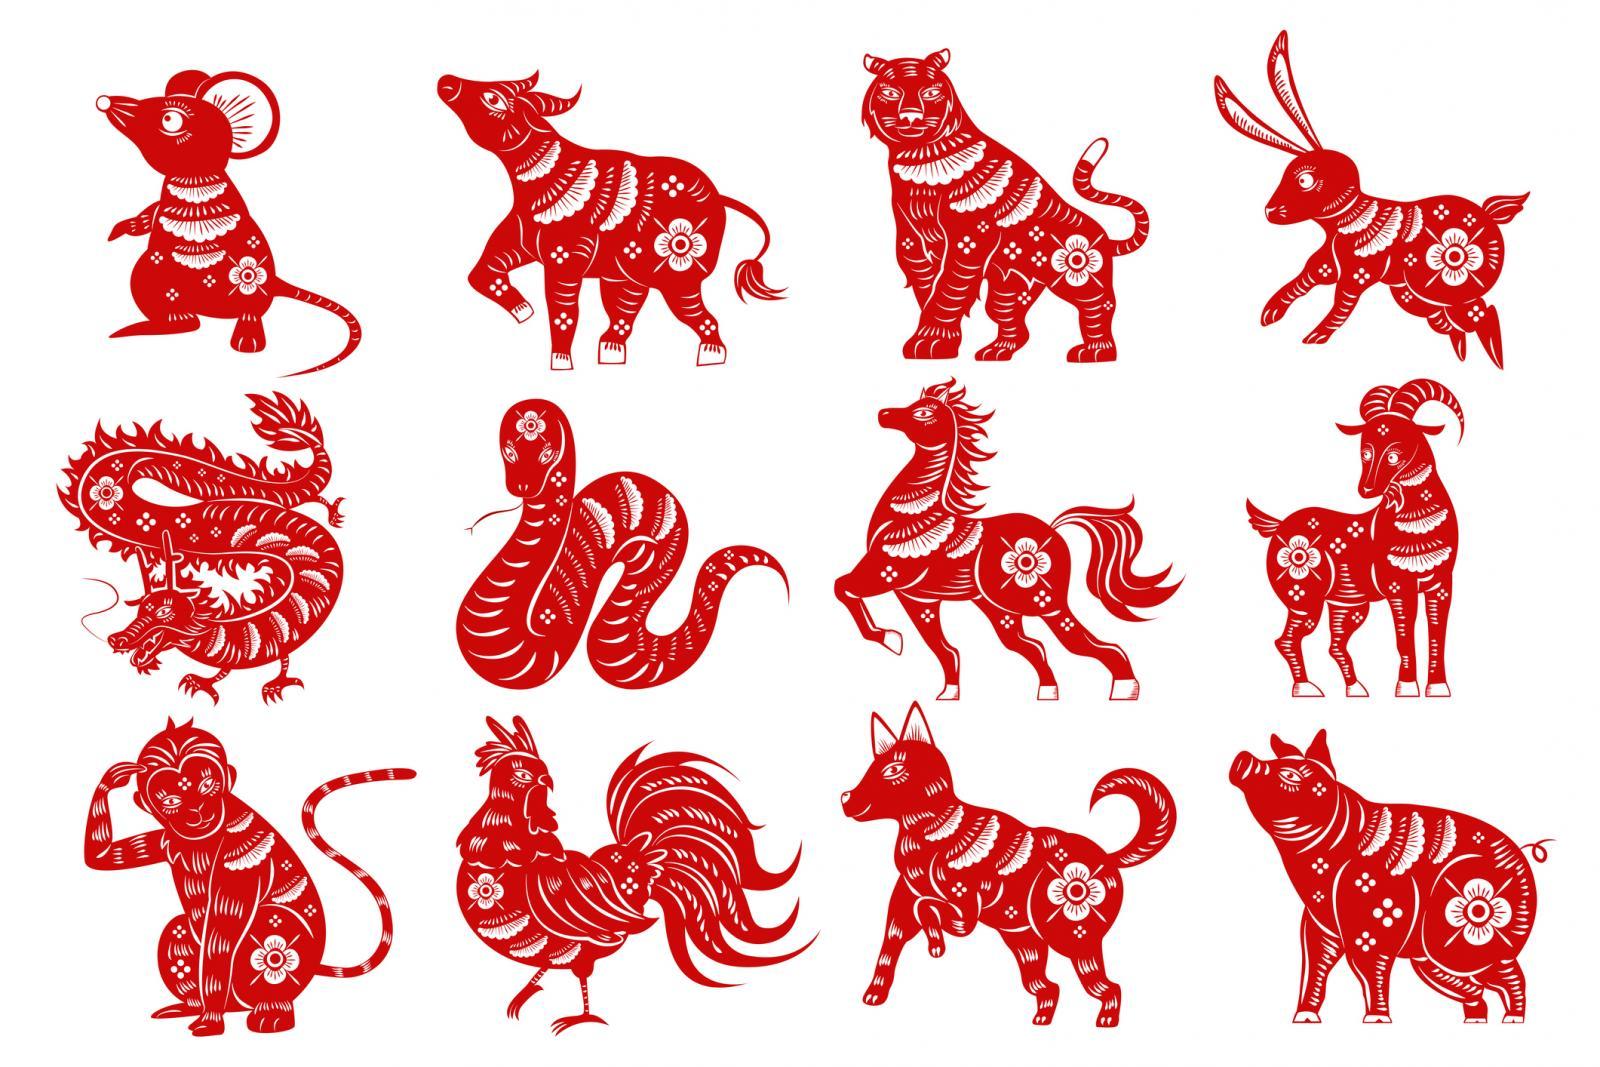 Compatibilidad según astrología china